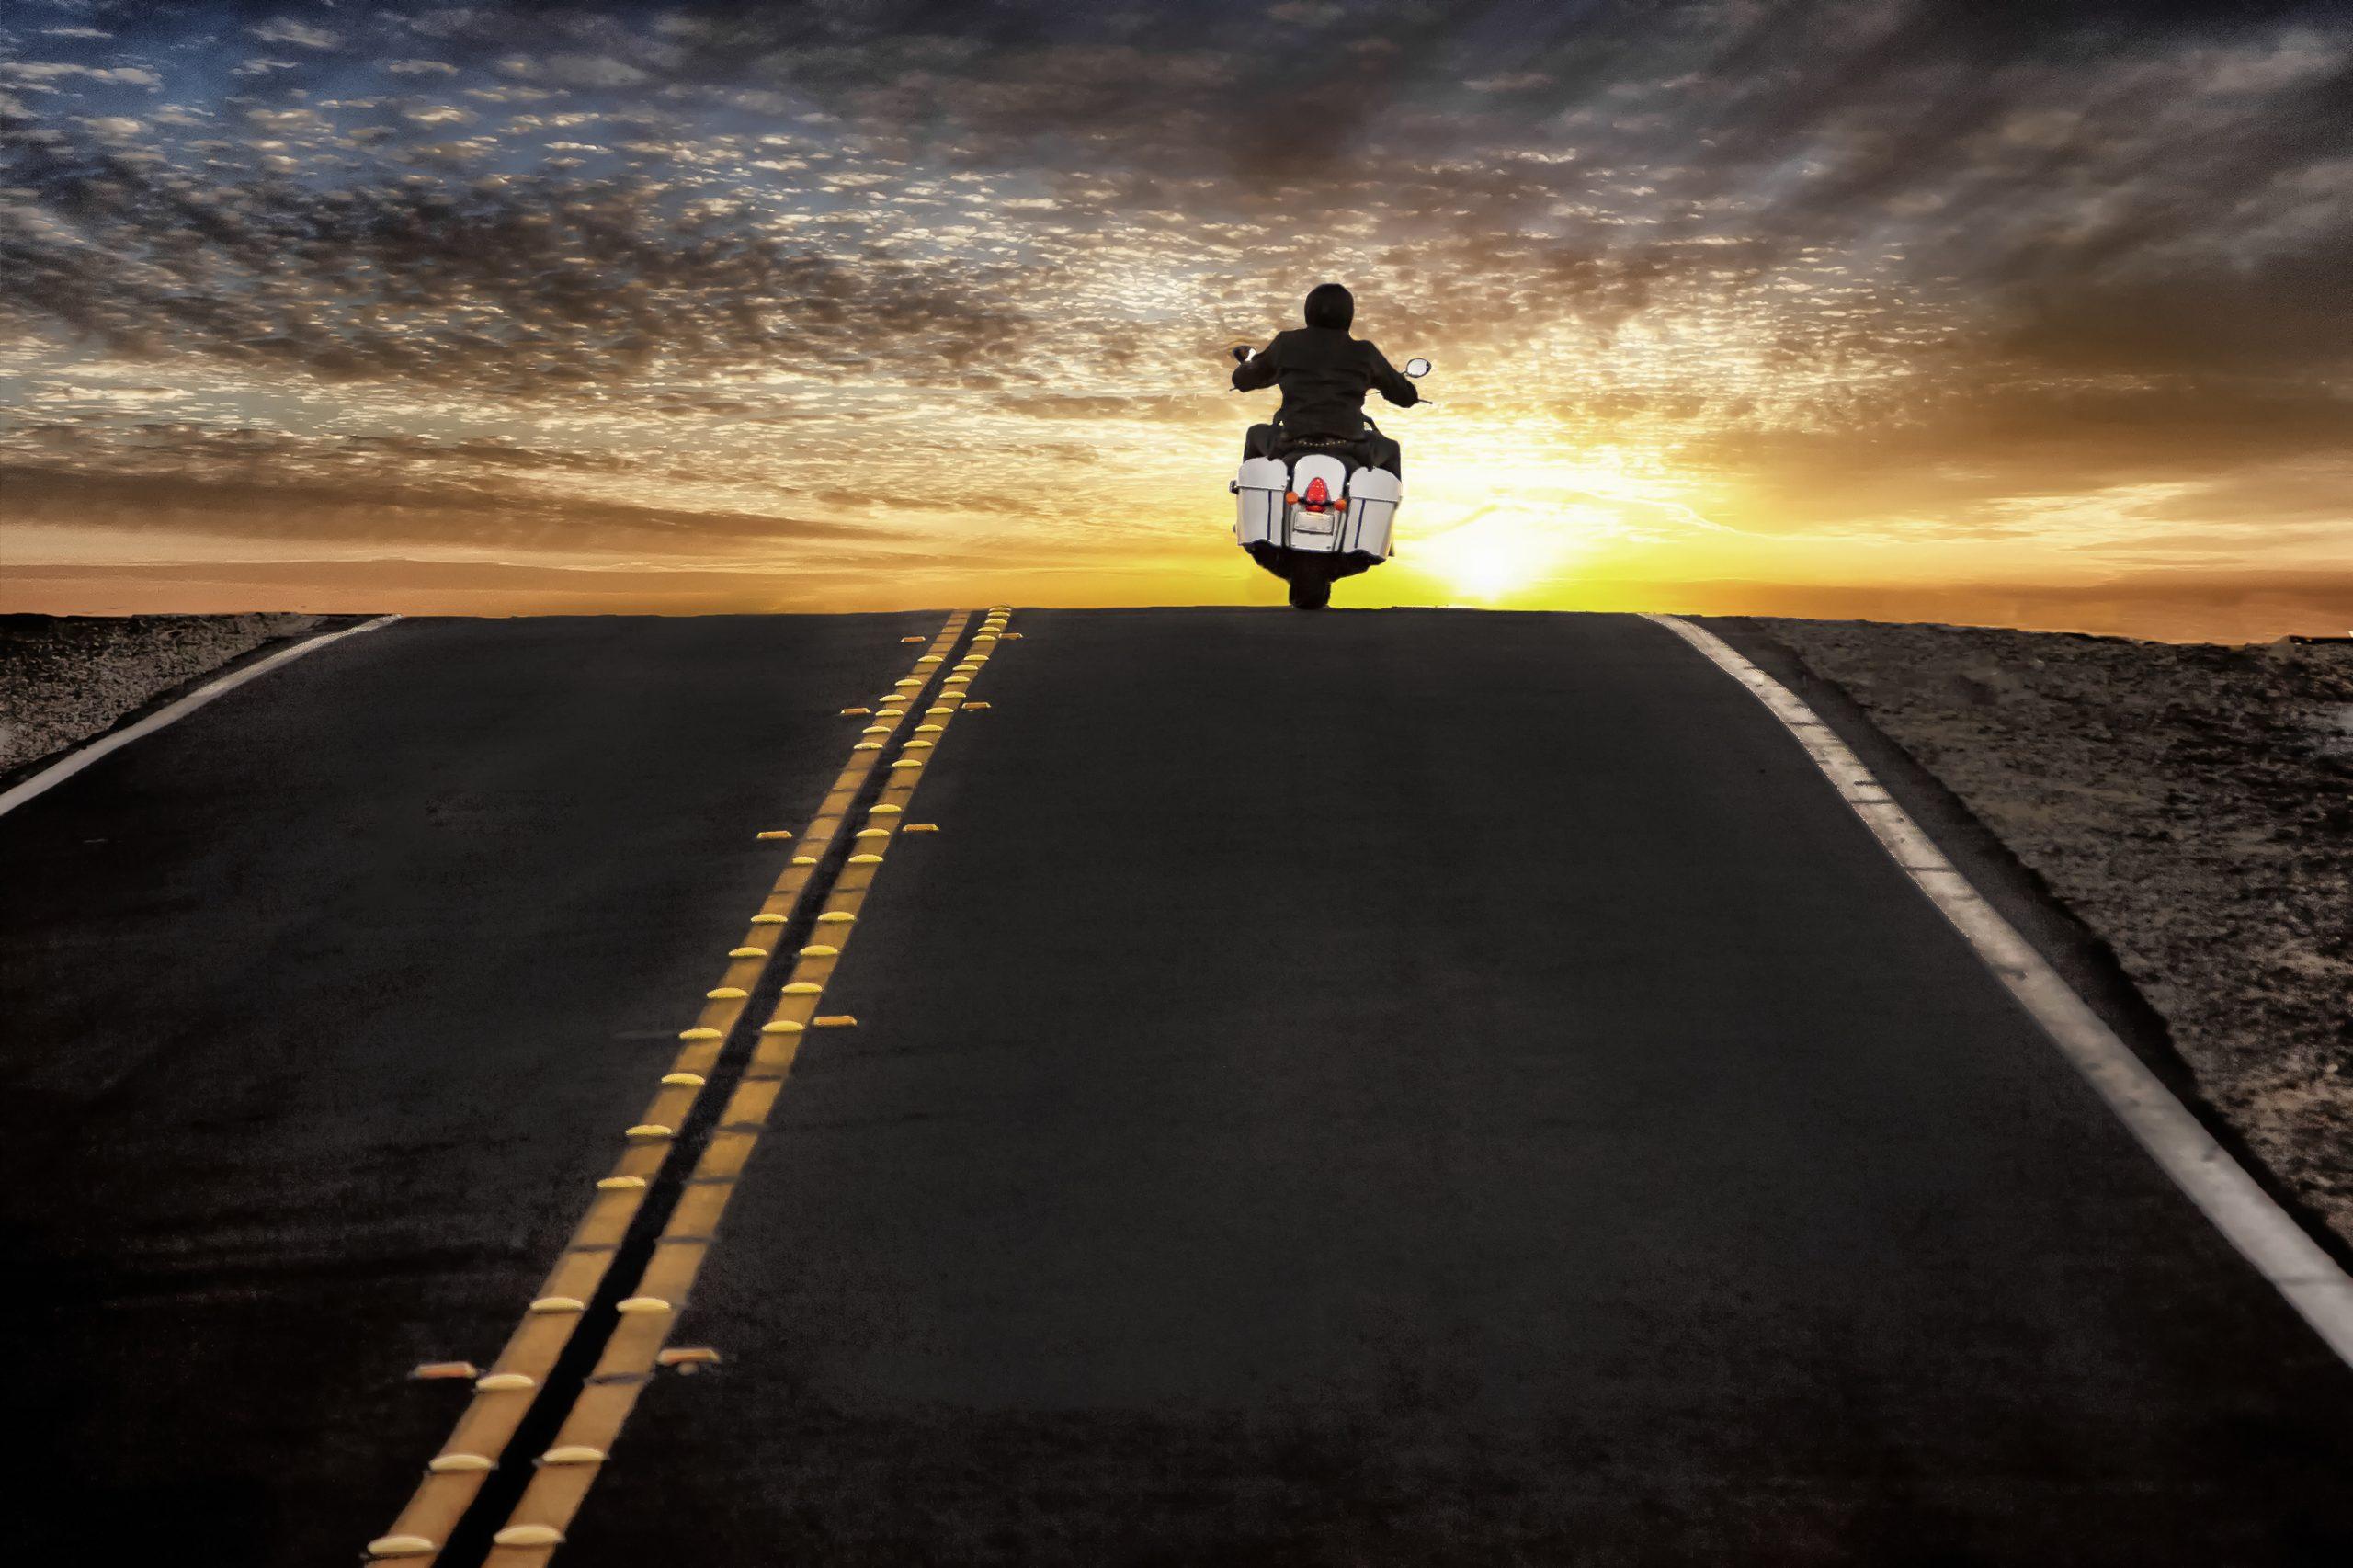 Motorcycle rider on street riding toward sunset sky